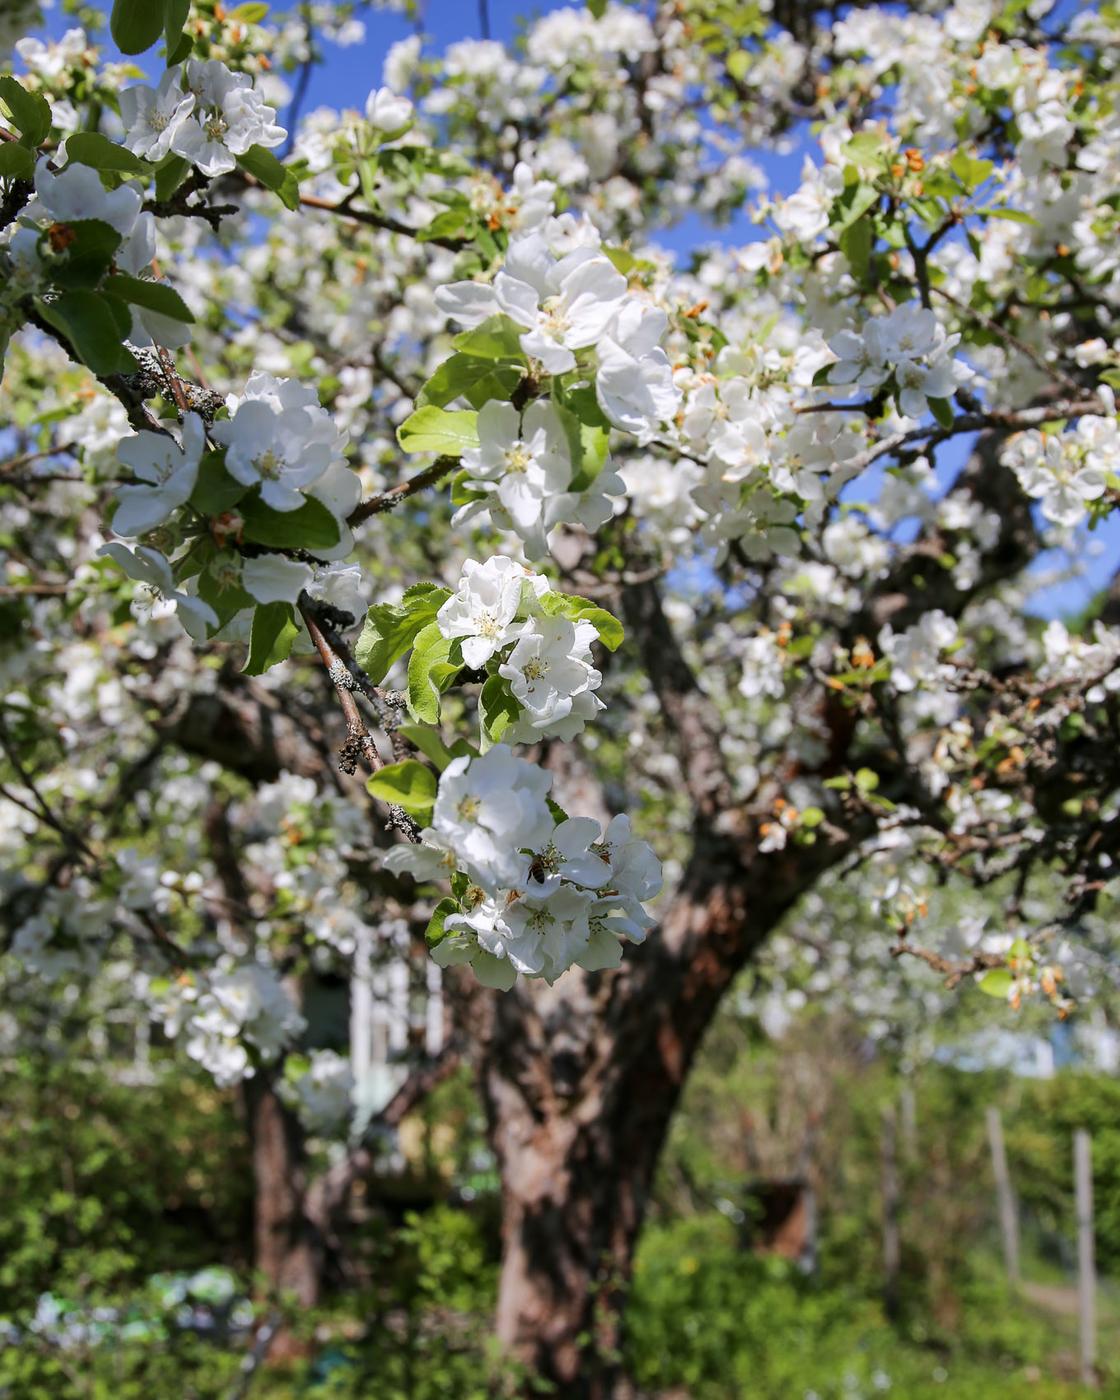 Herttoniemen siirtolapuutarha - Omenapuut kukkivat - 06.jpg